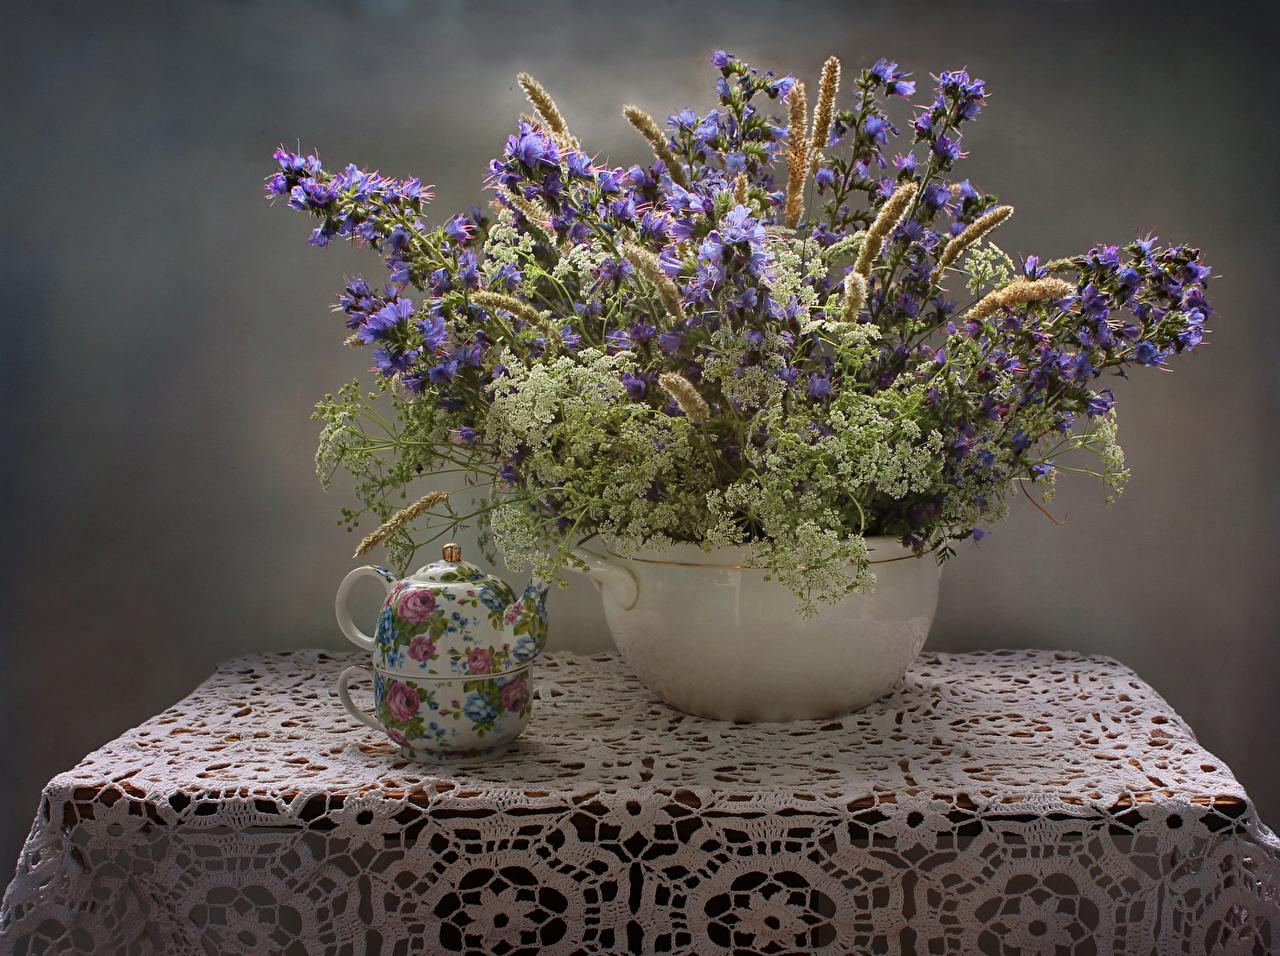 Обои для рабочего стола Букеты Цветы Чайник Колокольчики - Цветы вазы Стол Натюрморт букет цветок Ваза вазе столы стола